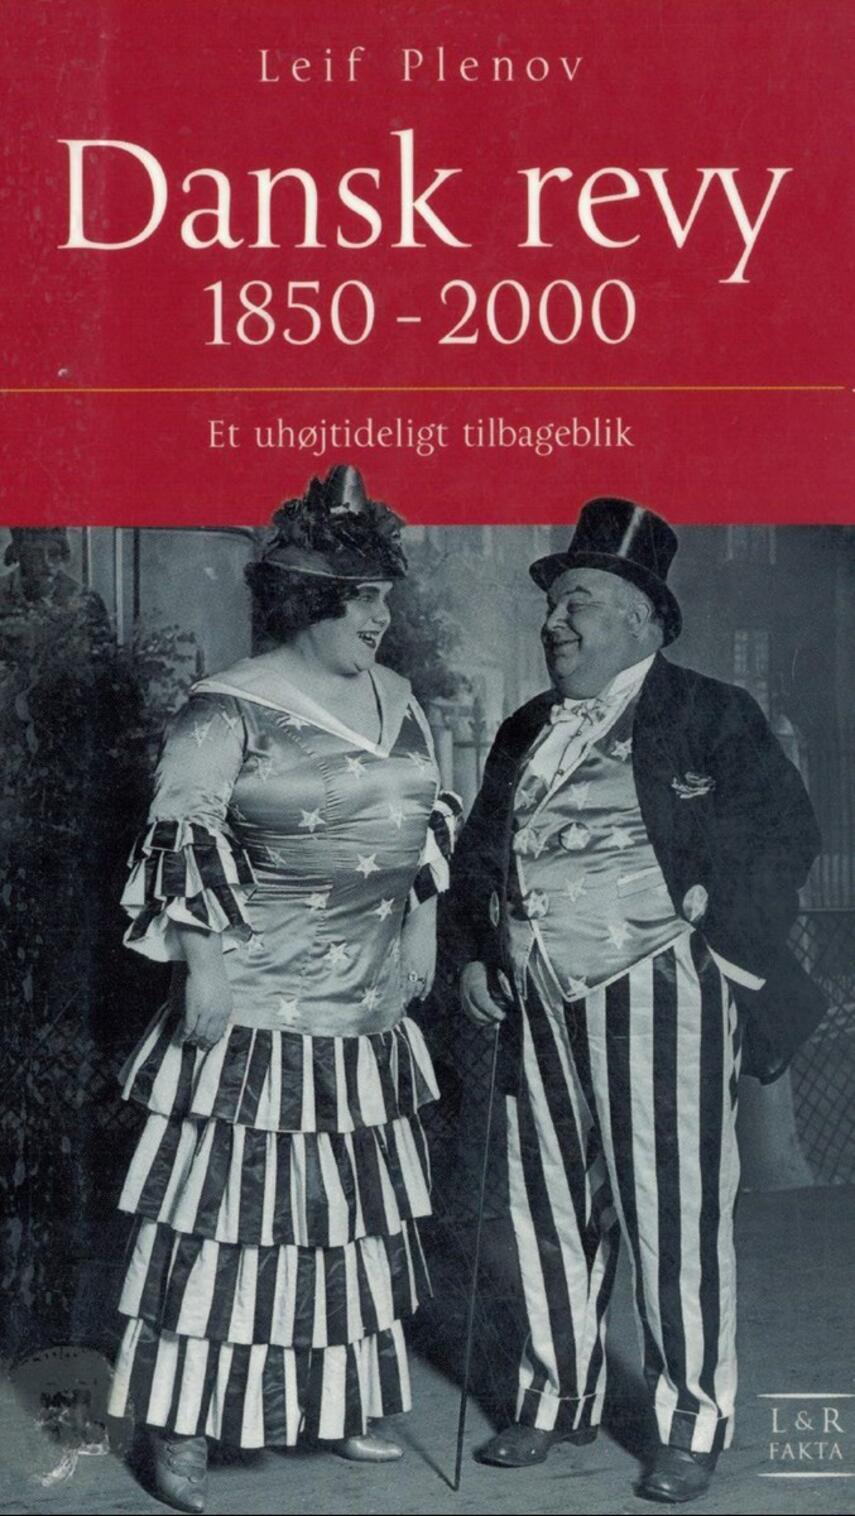 Leif Plenov: Dansk revy 1850-2000 : et uhøjtideligt tilbageblik